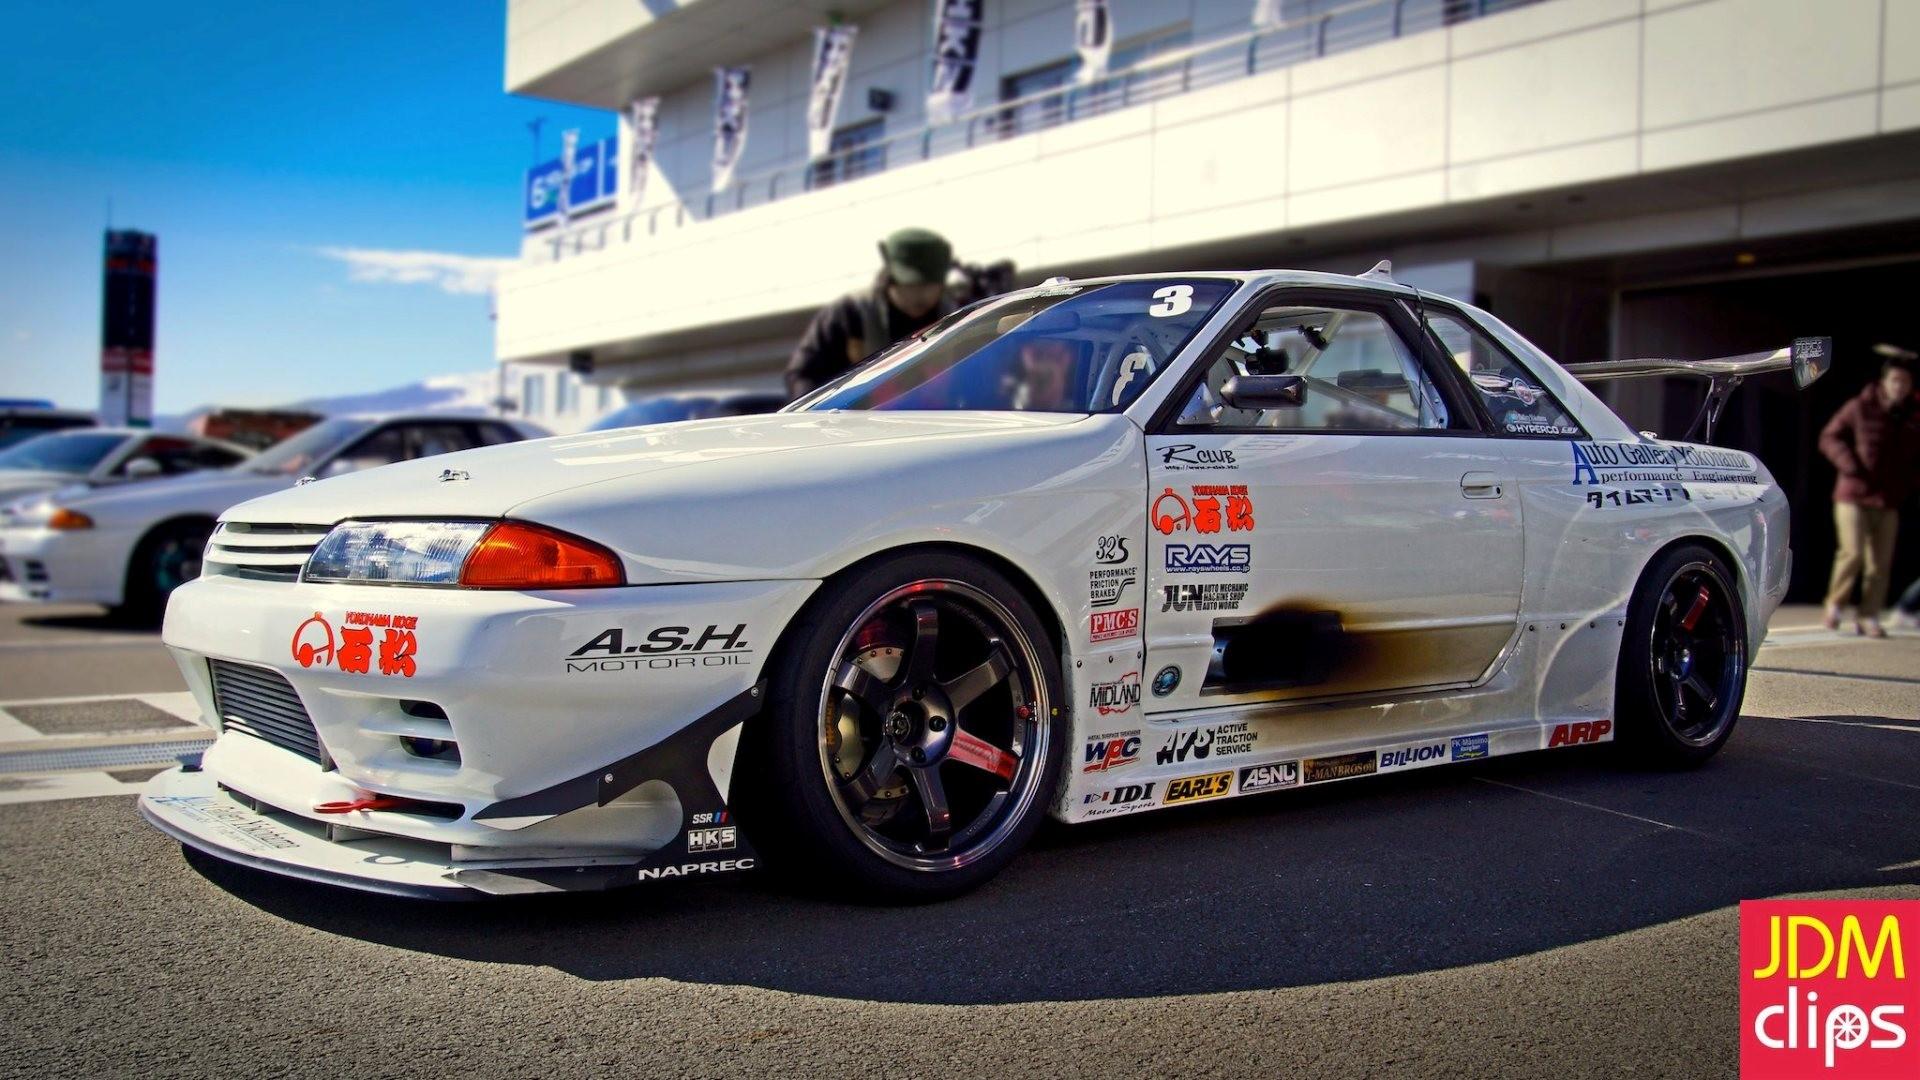 Wallpaper Jdm Sports Car Nissan Skyline Convertible Nissan Gt